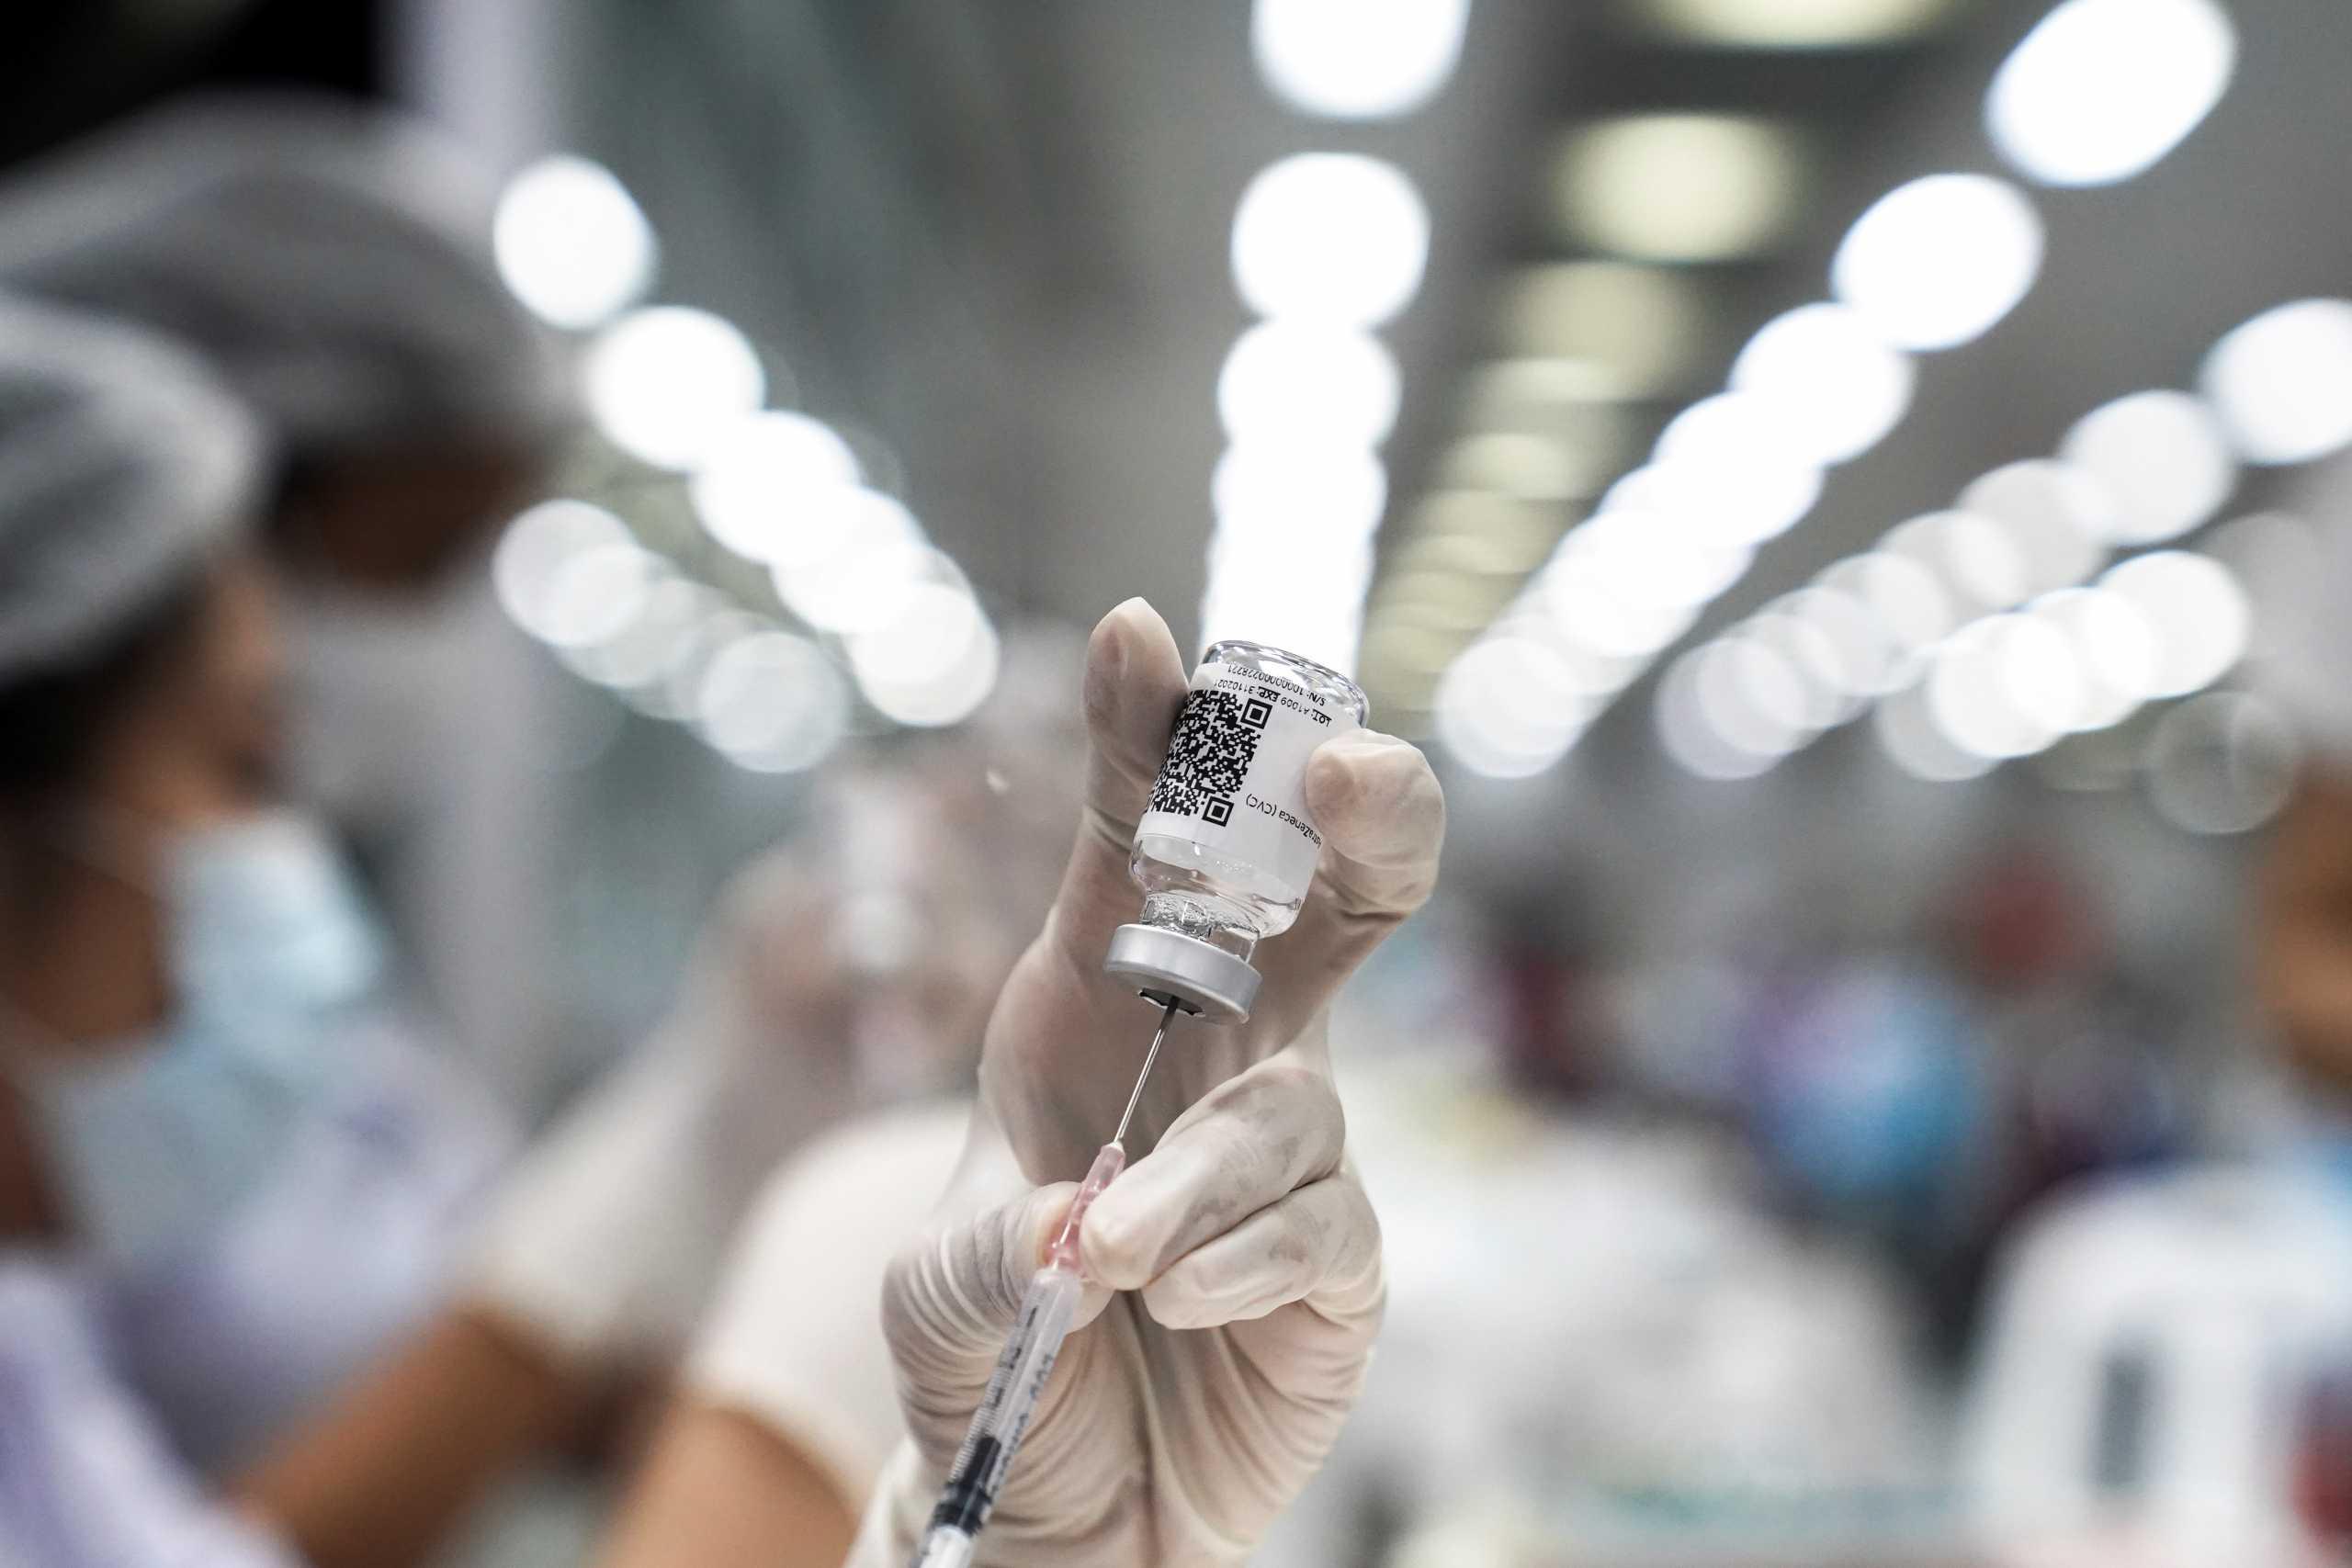 «Φρένο» Κομισιόν στην τρίτη δόση εμβολίου: Νομικός κίνδυνος χωρίς την έγκριση του EMA